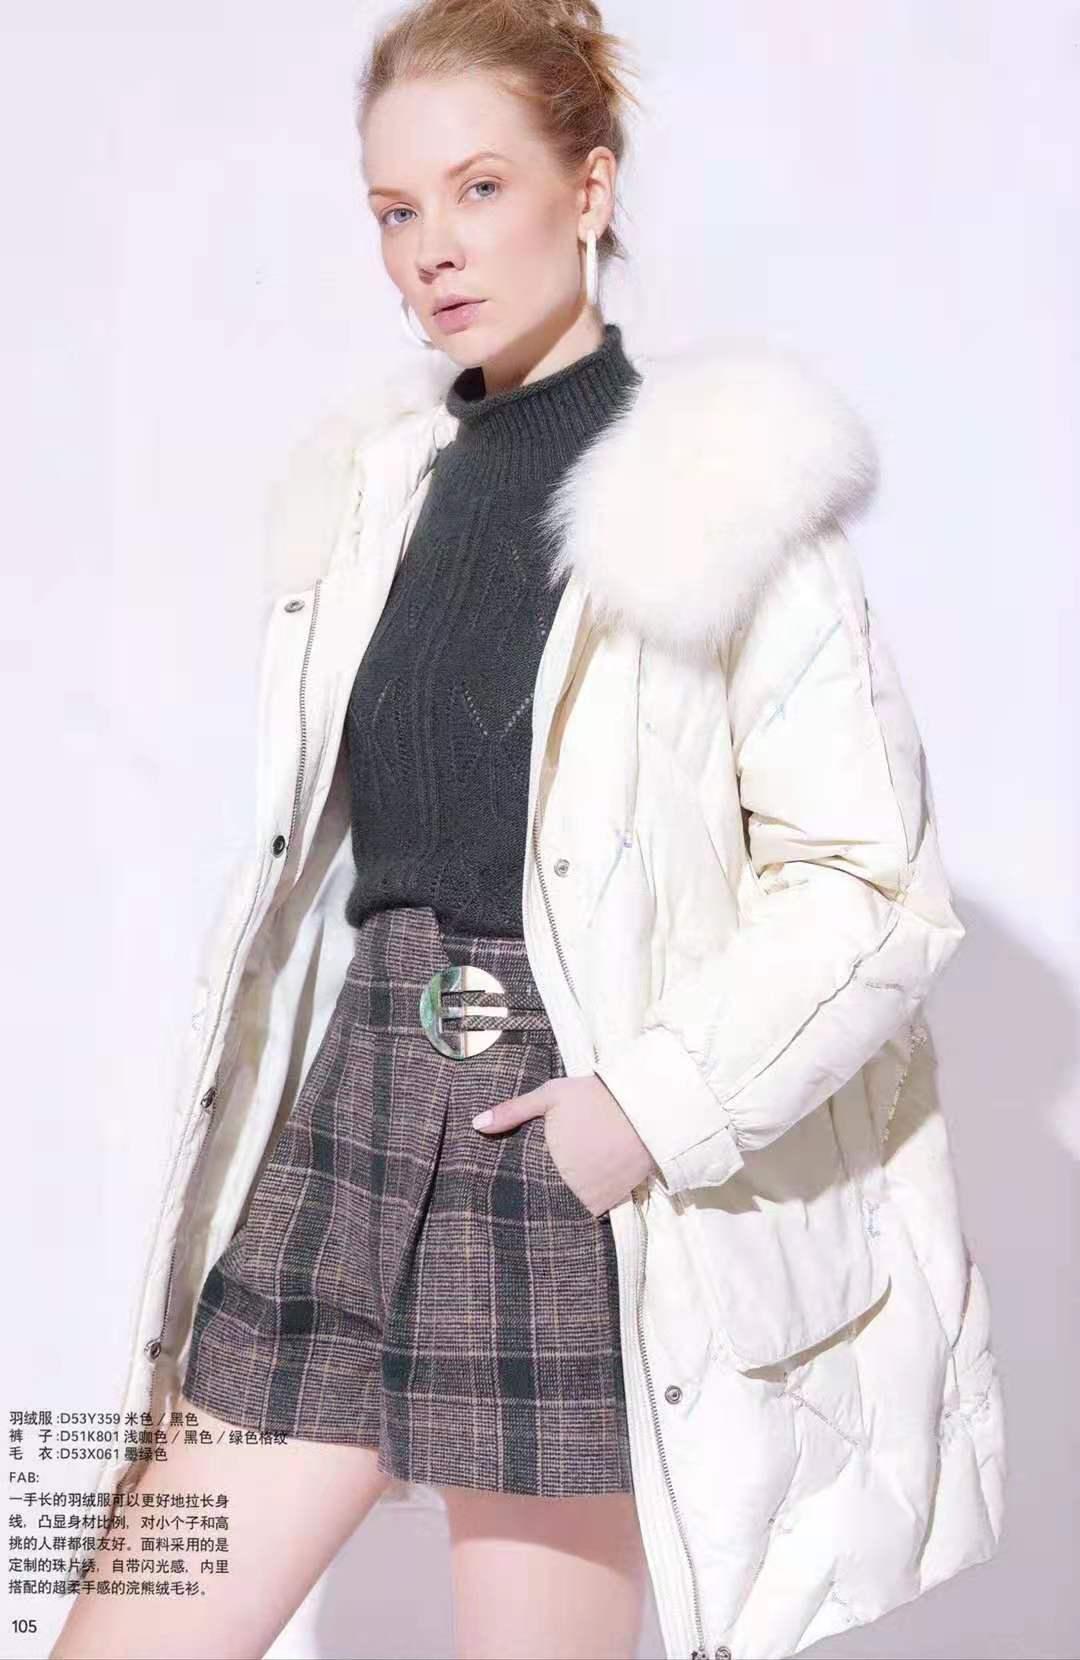 阿莱贝琳品牌女装折扣店2021上新【欧莎莉格羽绒服大衣】品牌女装系列